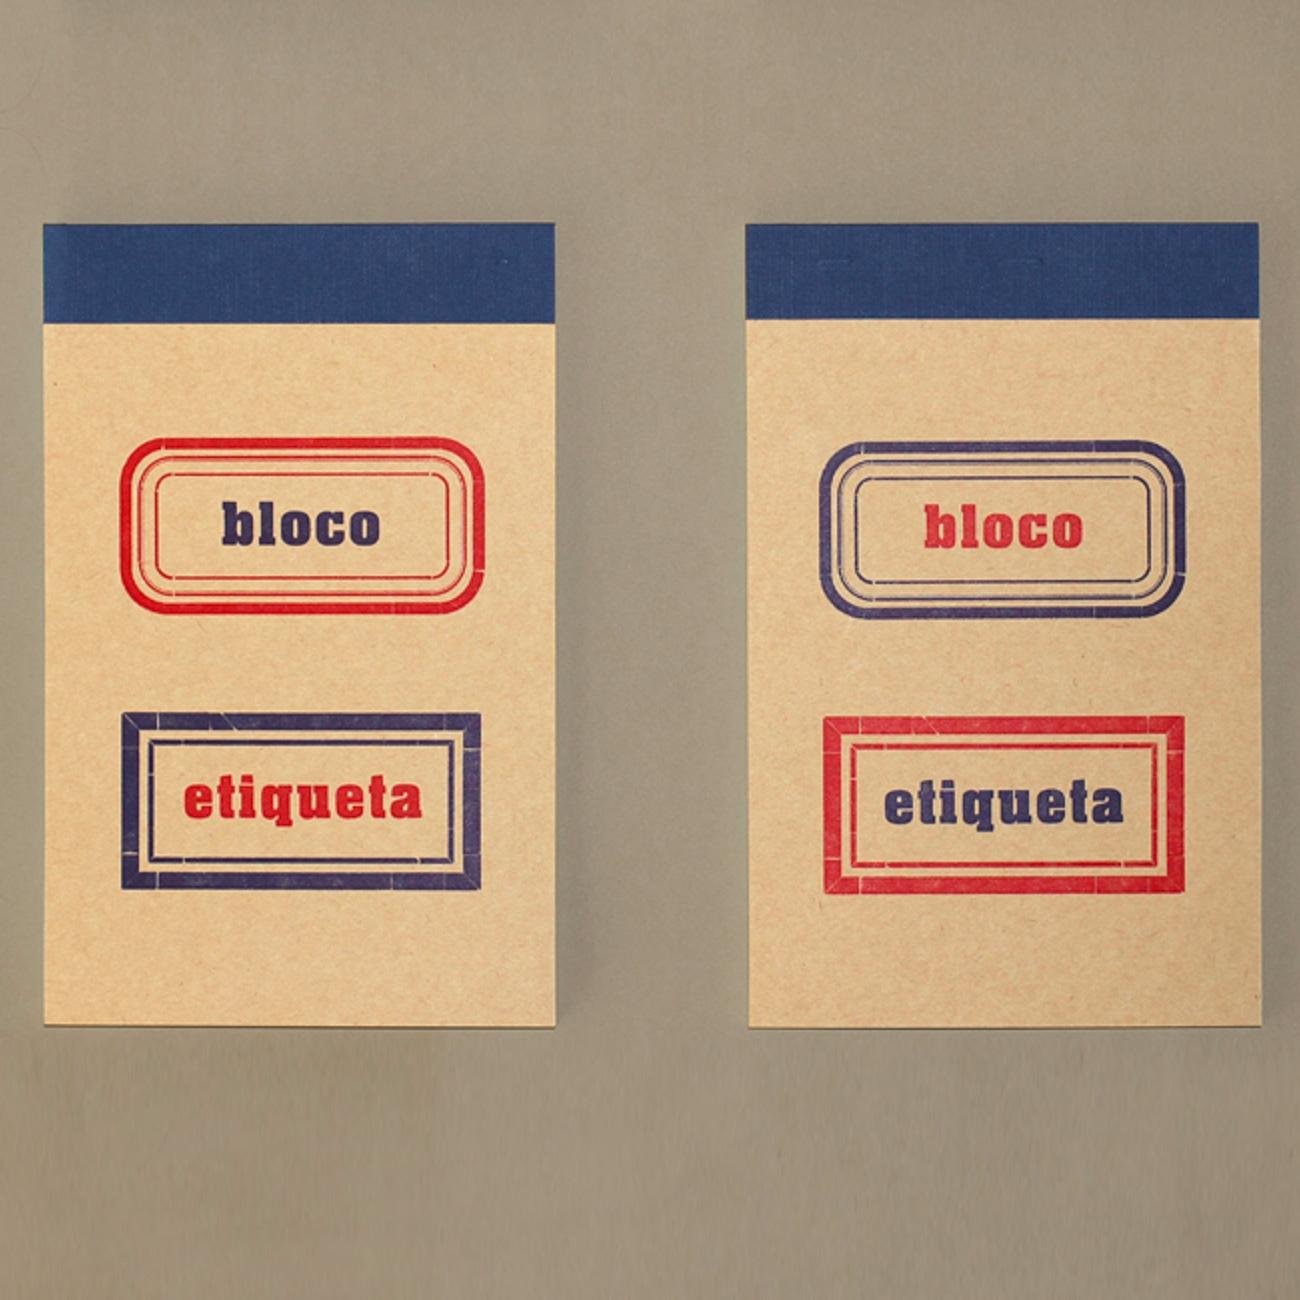 Bloco Etiqueta, Etikettenblock, rot blau, blau rot,